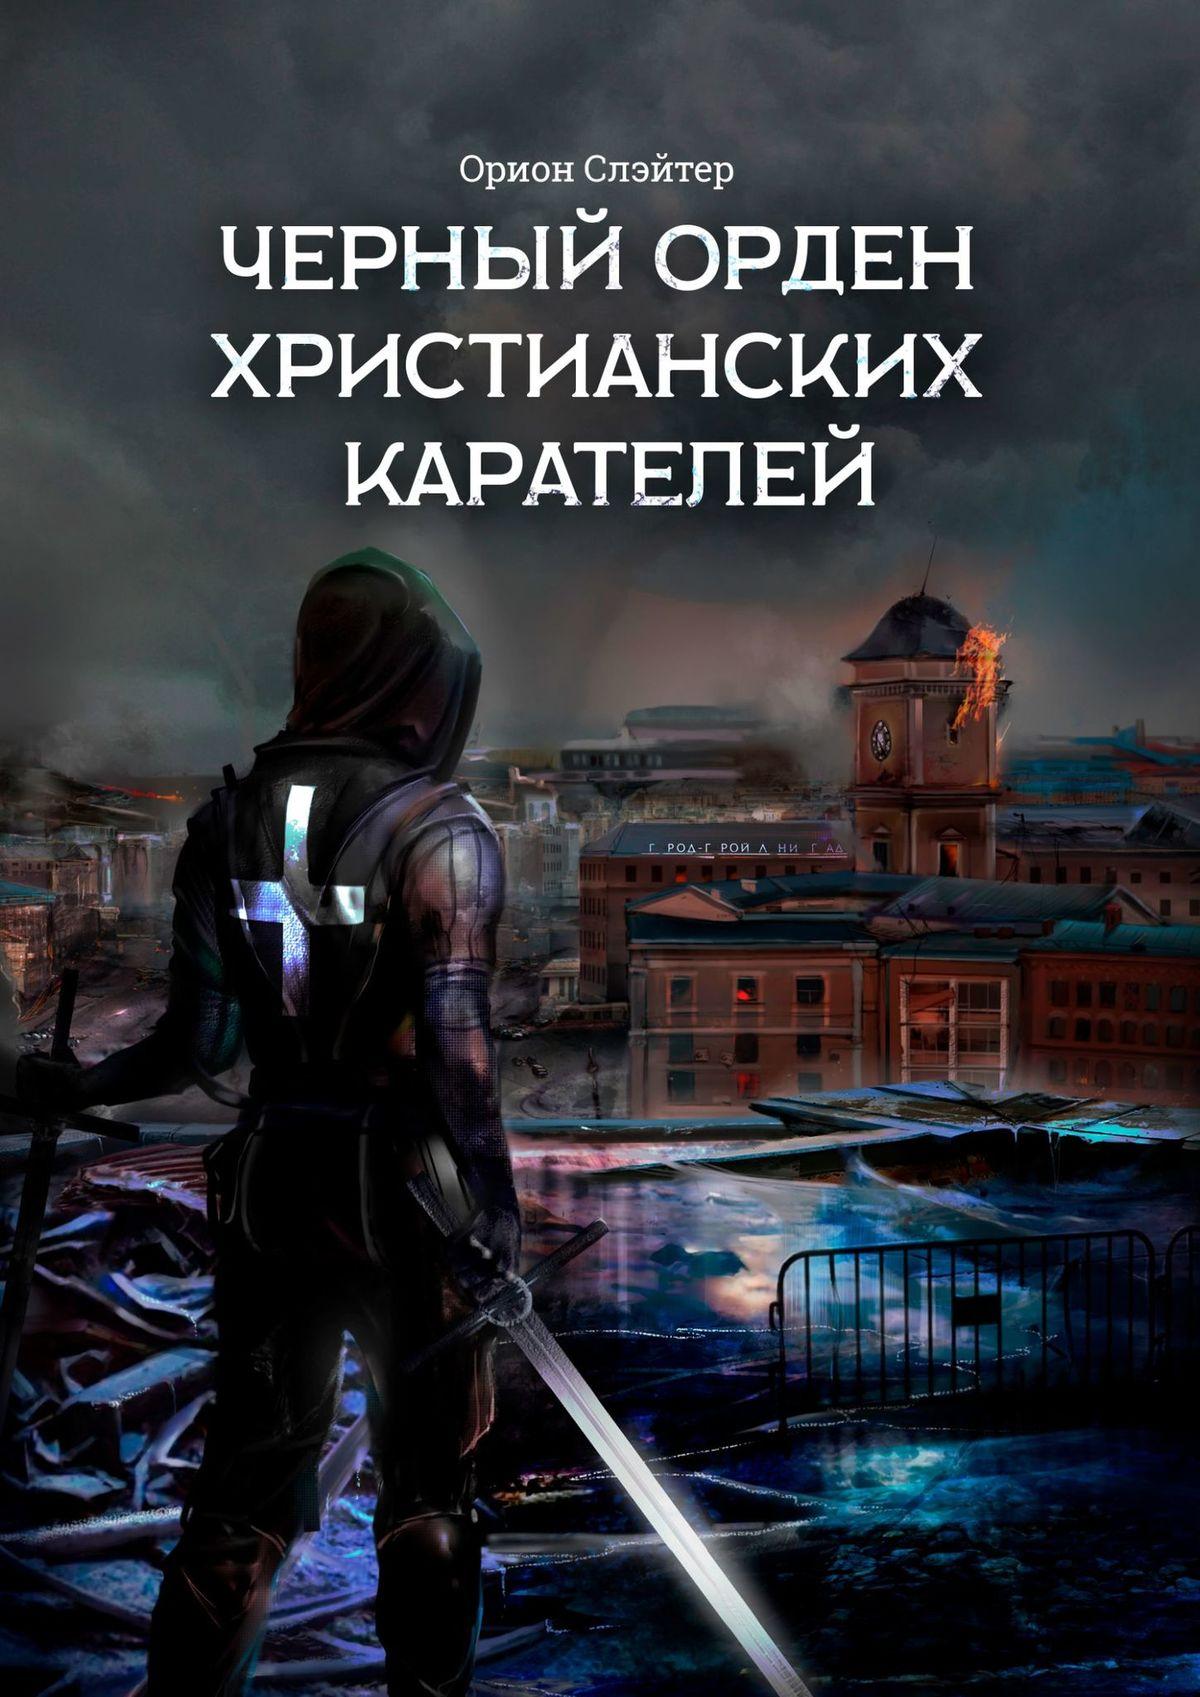 Орион Слэйтер - Черный Орден Христианских Карателей